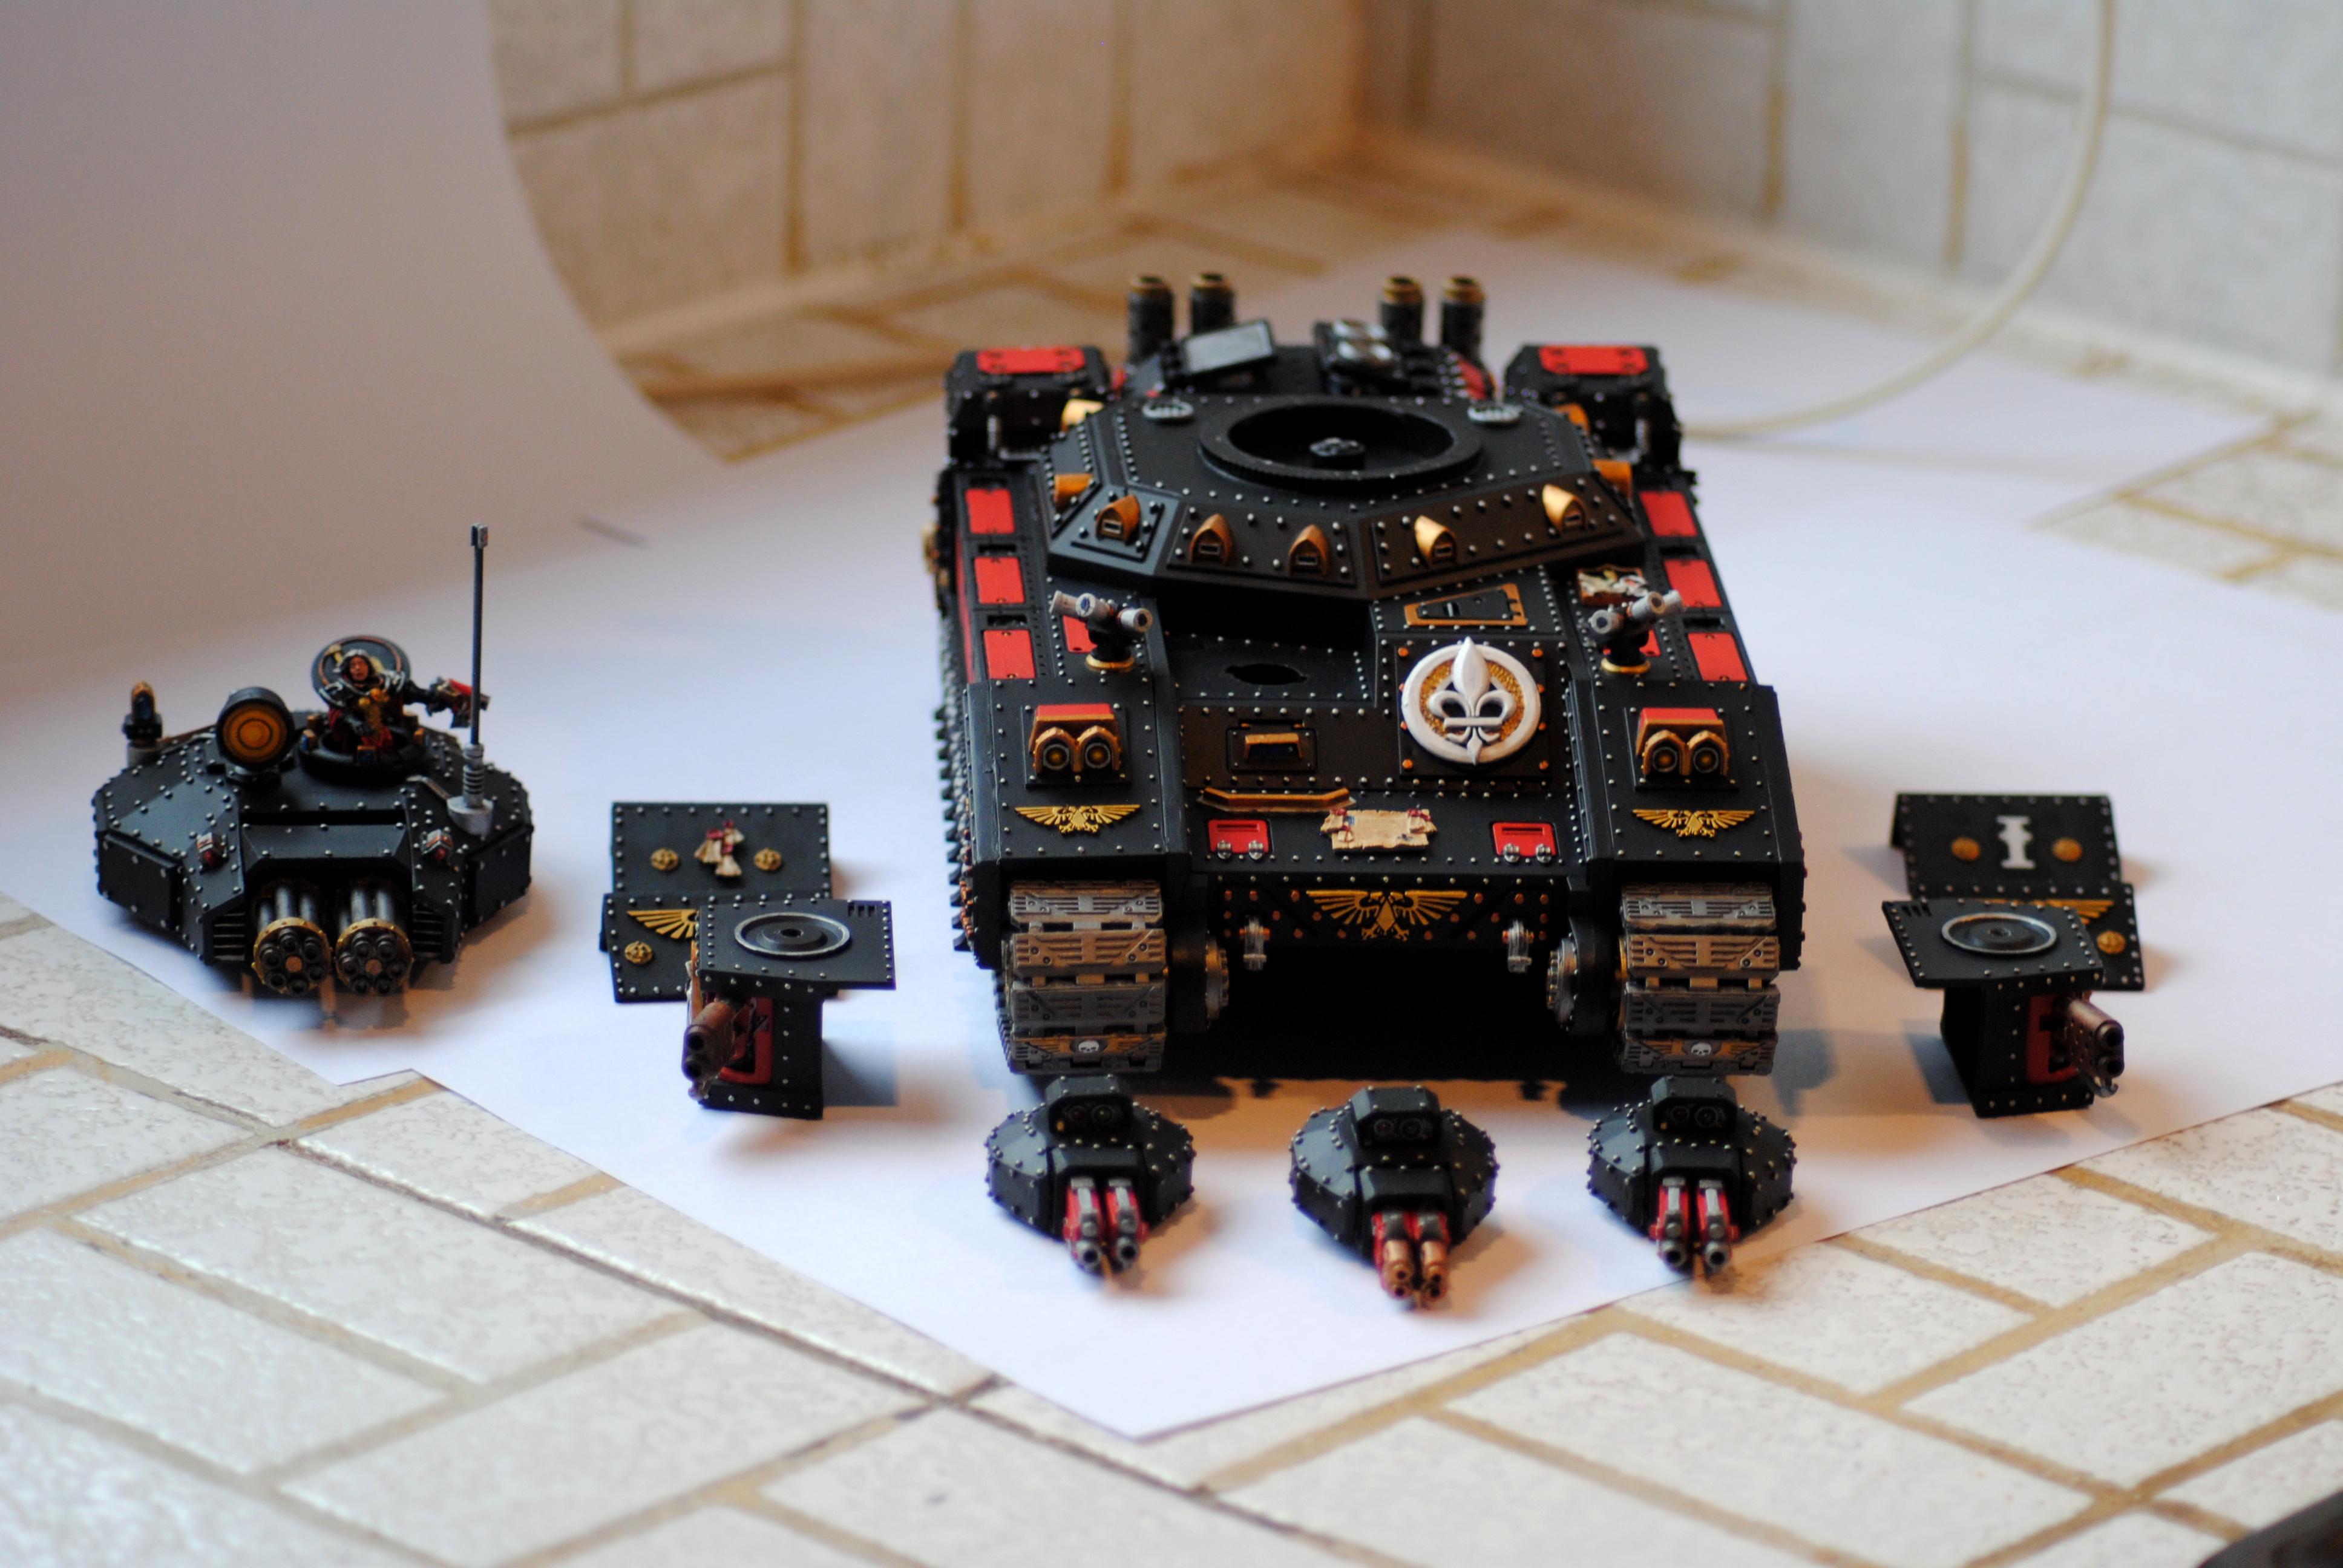 Adepta Sororitas, Baneblade, Heavy Bolter, Multimelta, Sisters Of Battle, Superheavy Tank, Vulcan Megabolter